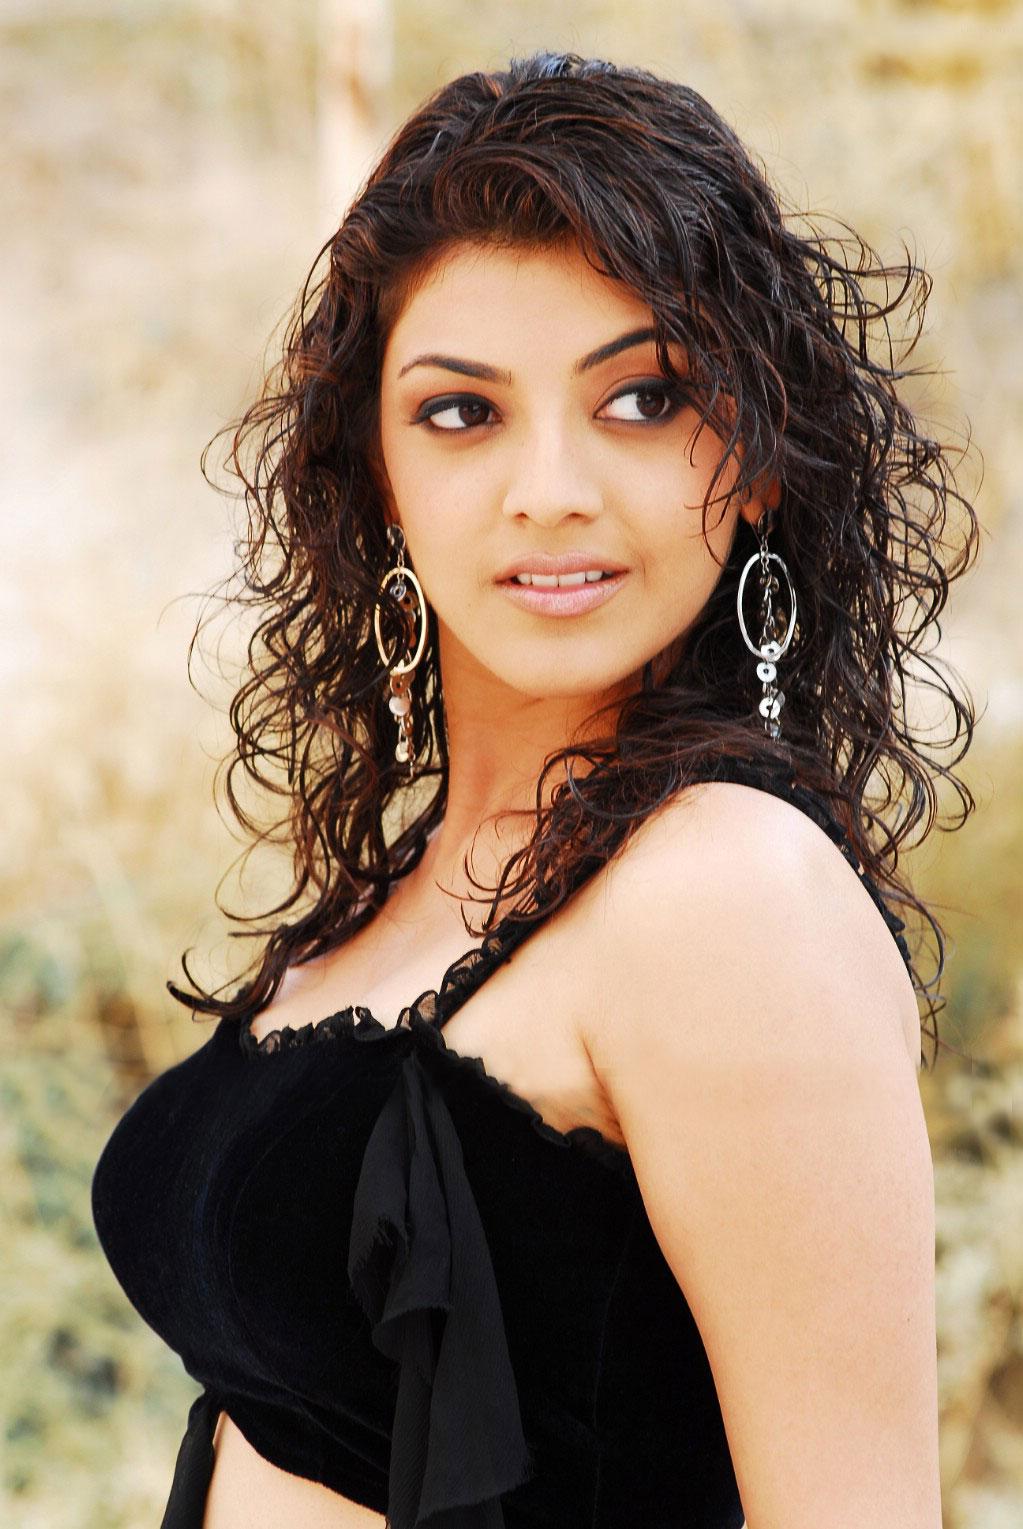 indian hot actress photos with name